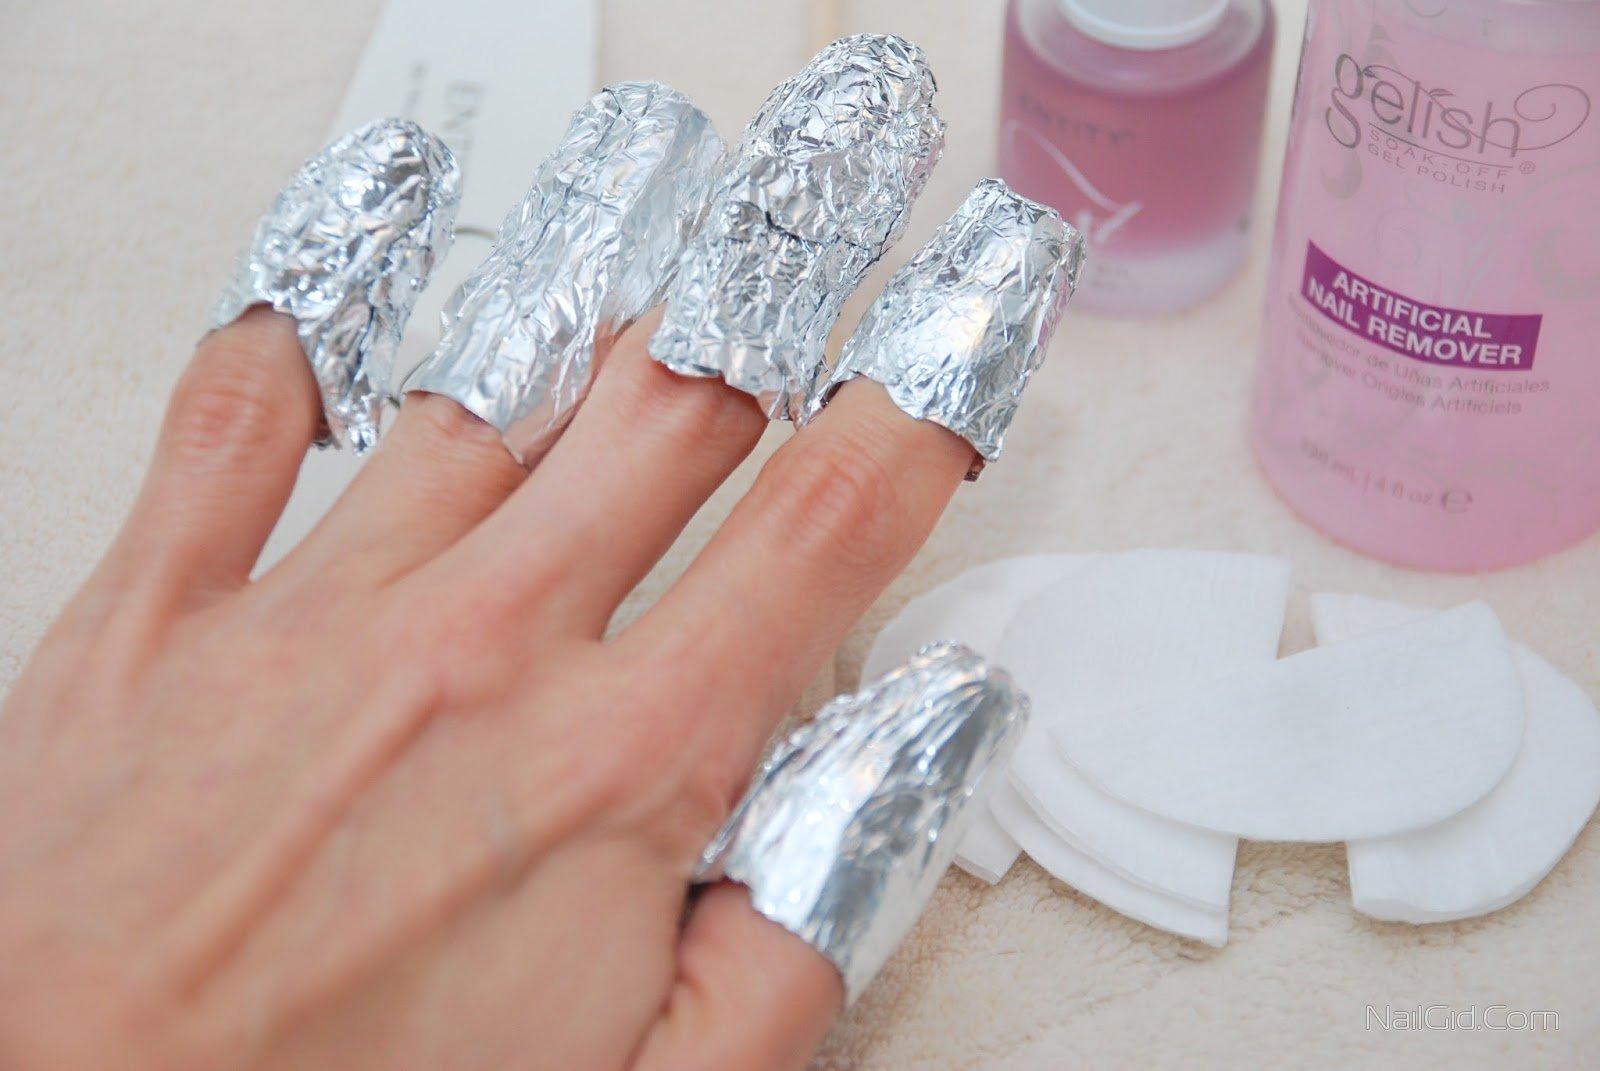 Как снять гель лак с ногтей в домашних условиях без фольги